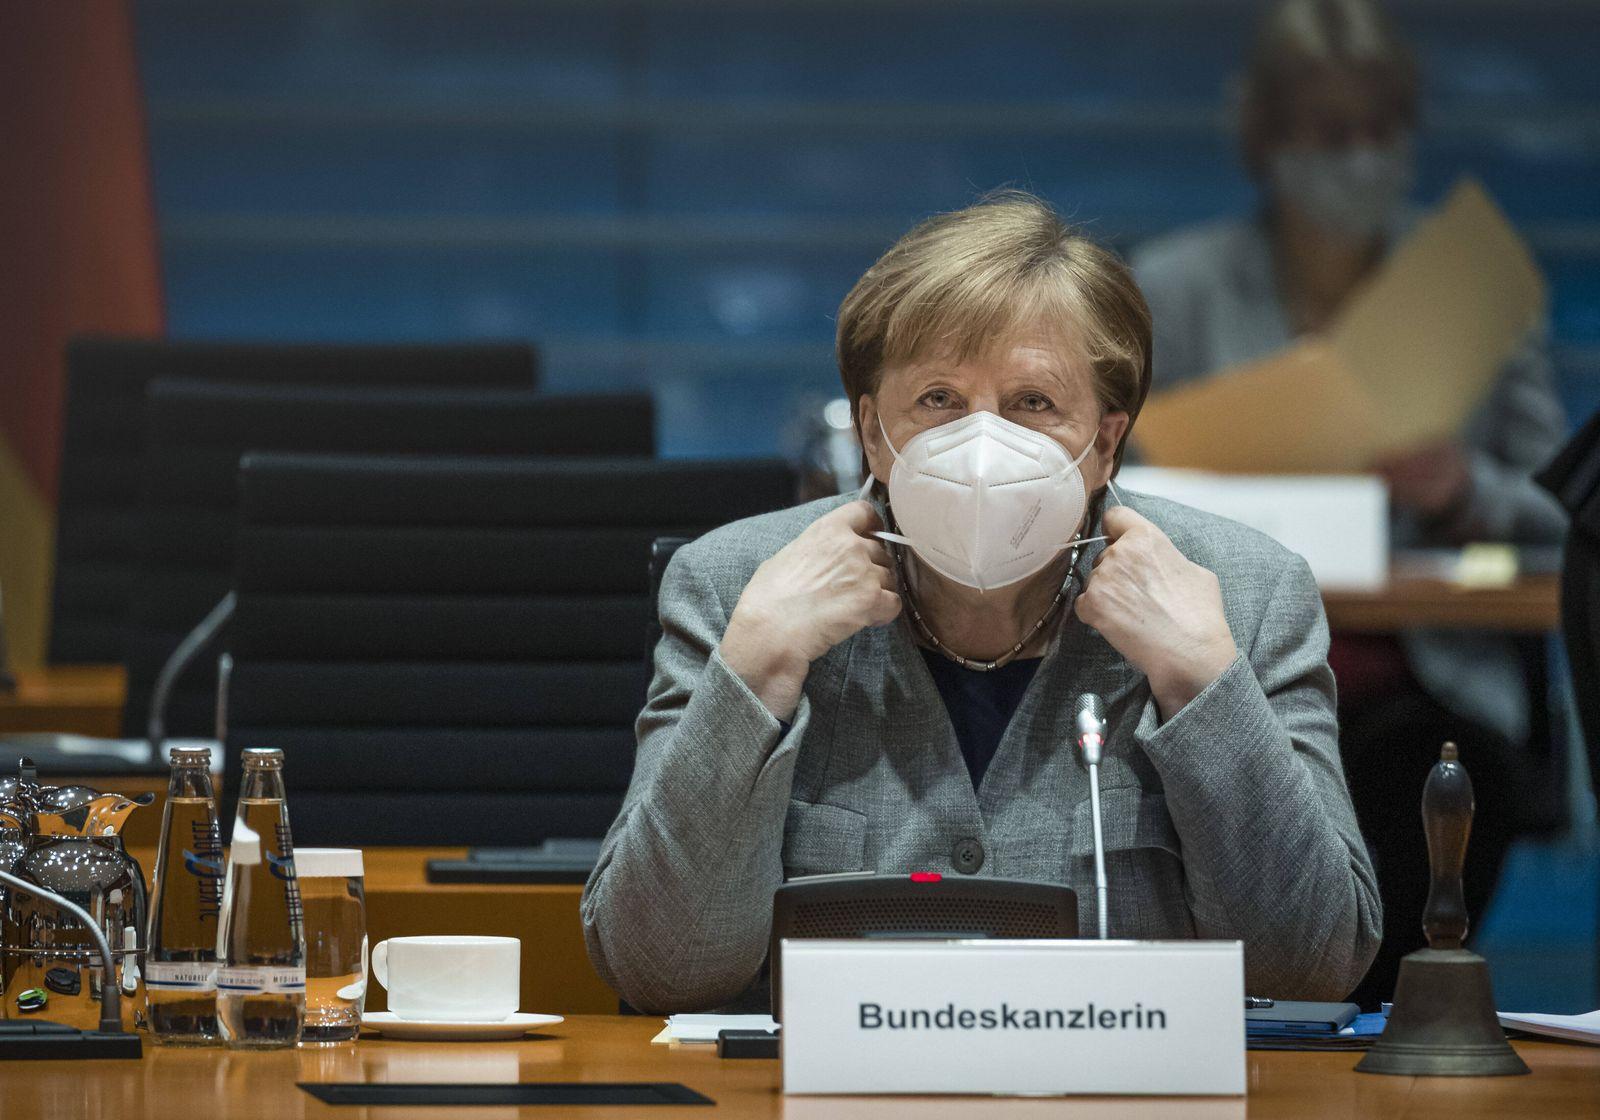 Bundeskanzlerin Angela Merkel, CDU, aufgenommen im Rahmen der woechentlichen Kabinettssitzung der Bundesregierung in Be